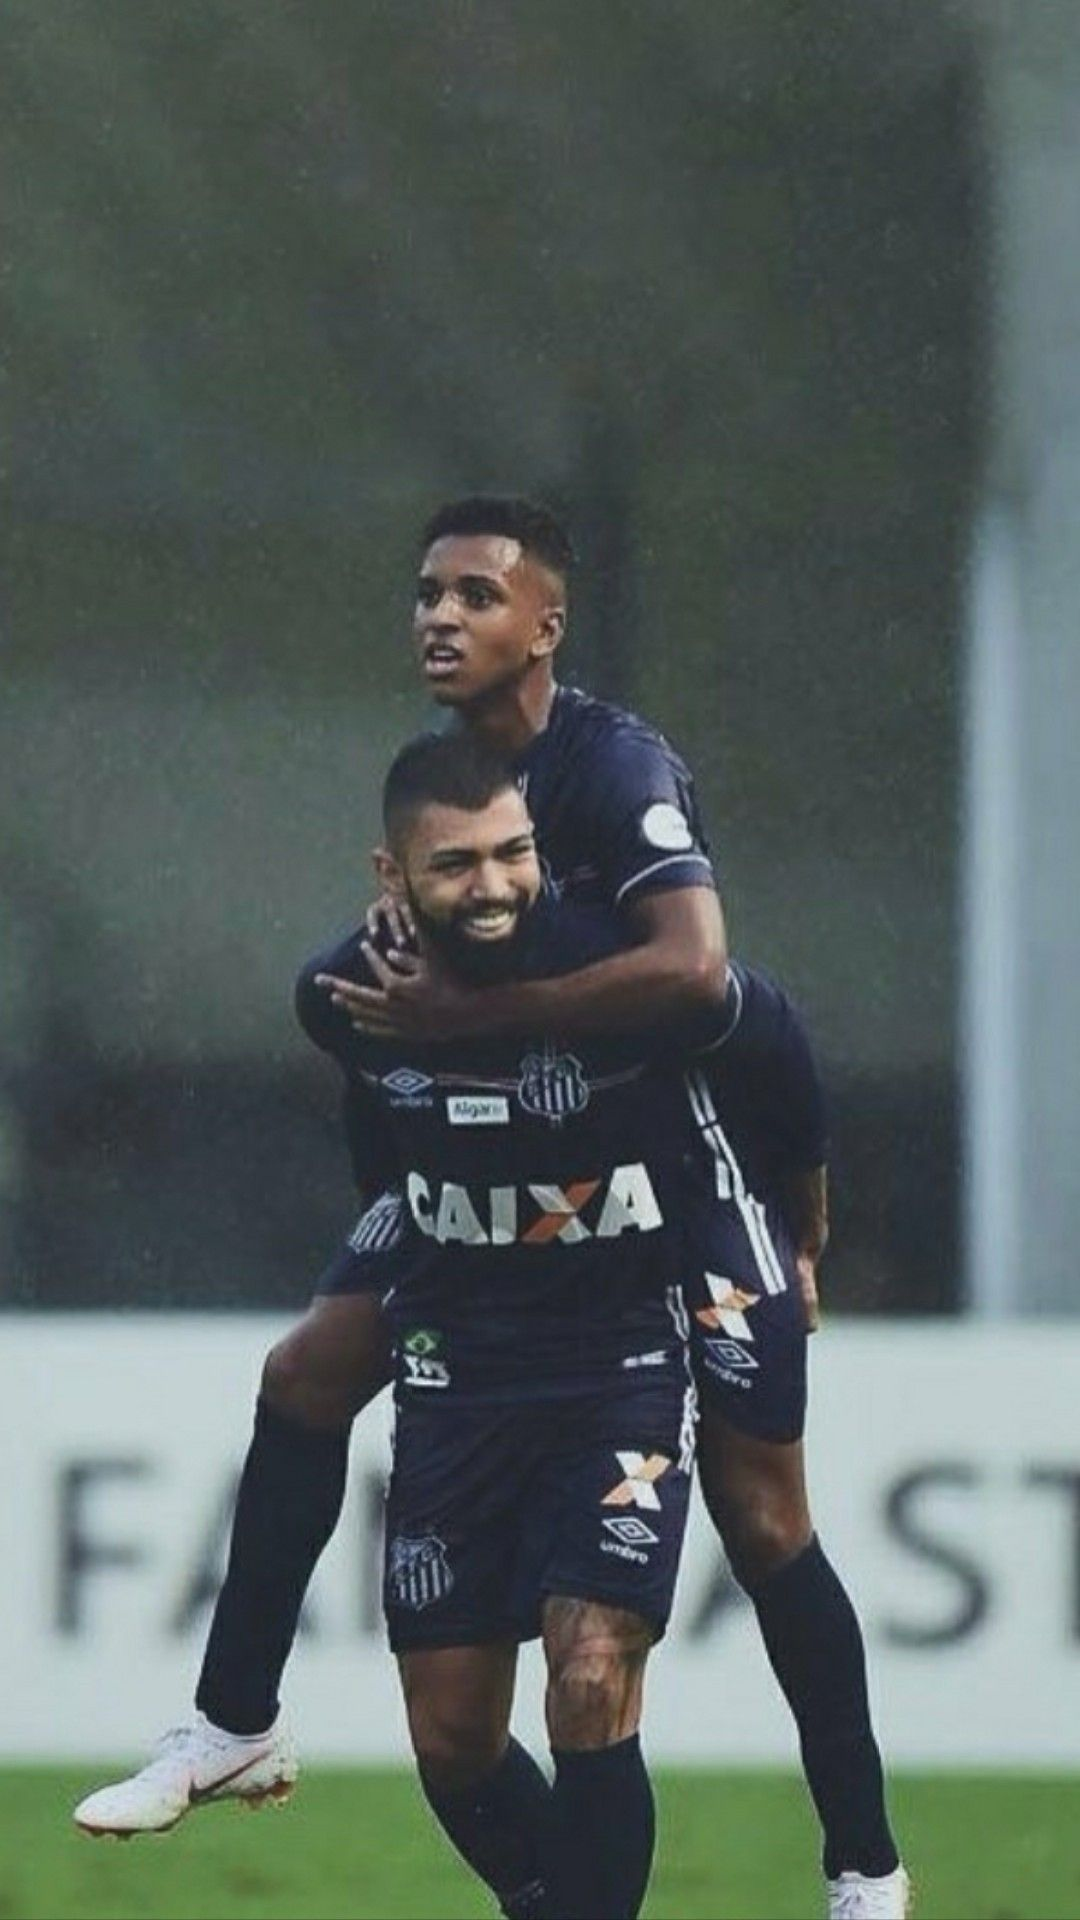 a8576bac019f0 SFC Wallpaper Gabigol e Rodrygo Santos Futebol Clube, Quero Ver, Torcida,  Jogadores De